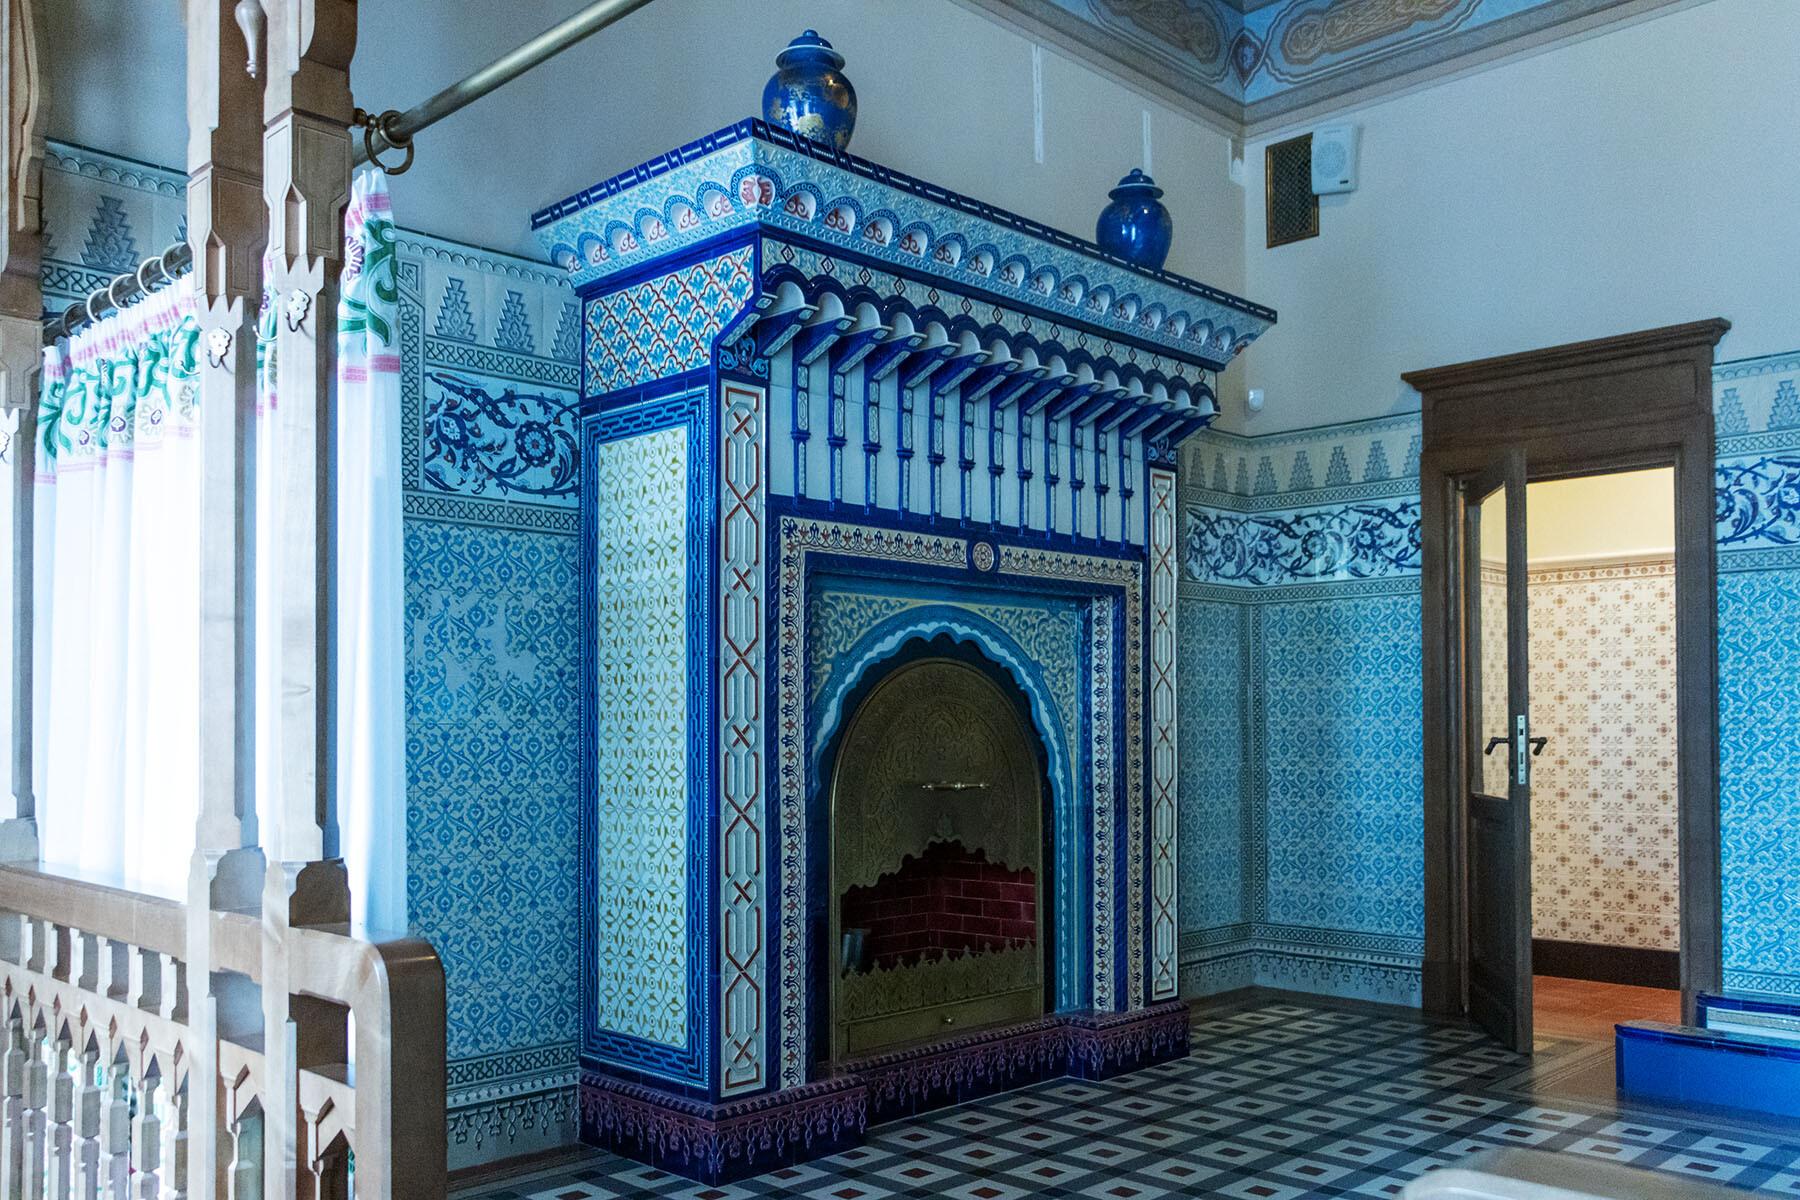 Мавританская уборная (Бассейная) Николая II в Александровском дворце IMG_0462.jpg